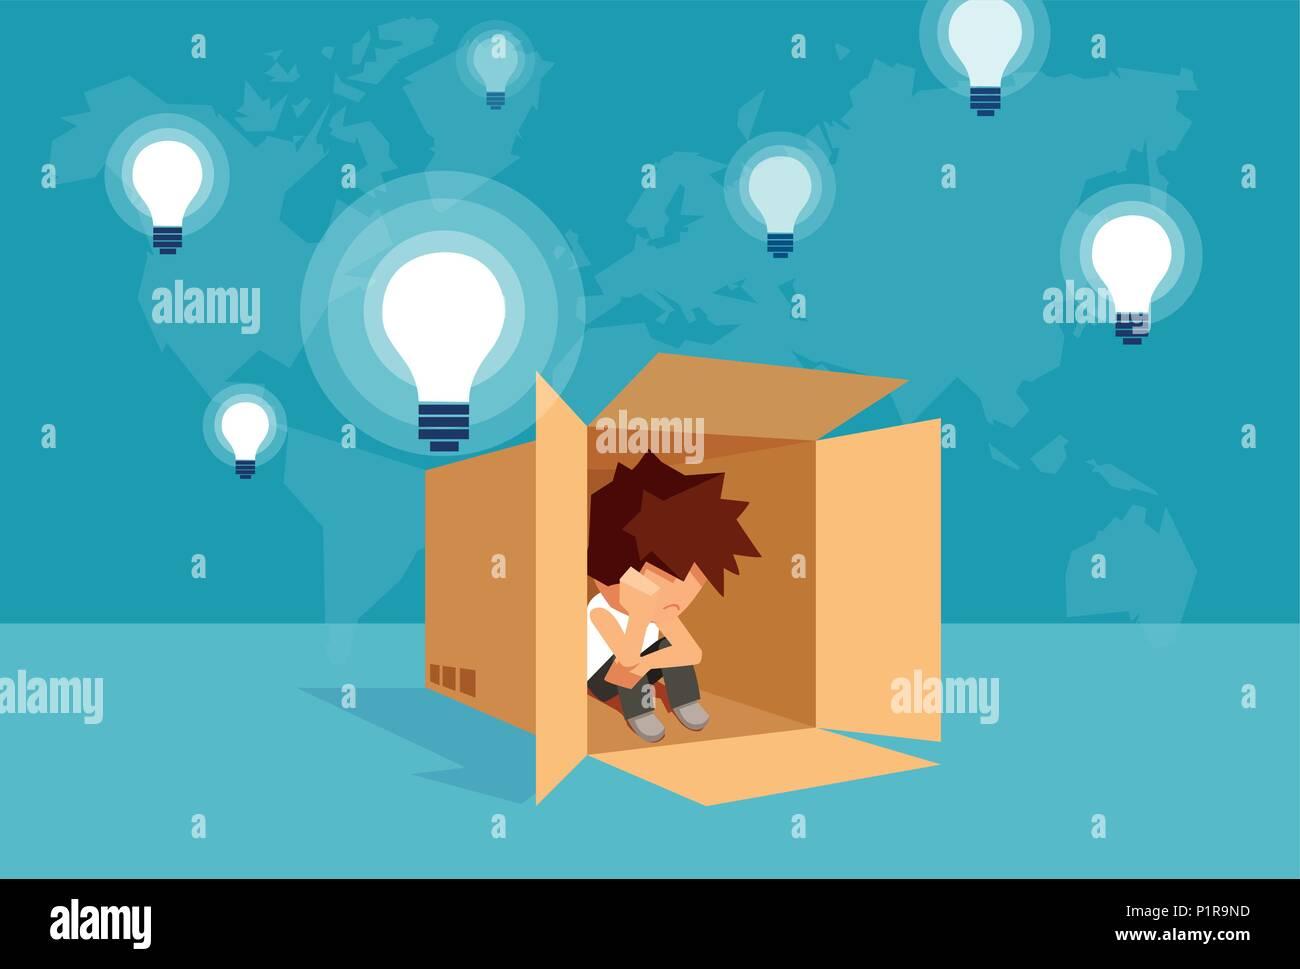 Vector illustration Concept de kid assis tout seul dans la case et de la réflexion concernant le problème. Photo Stock